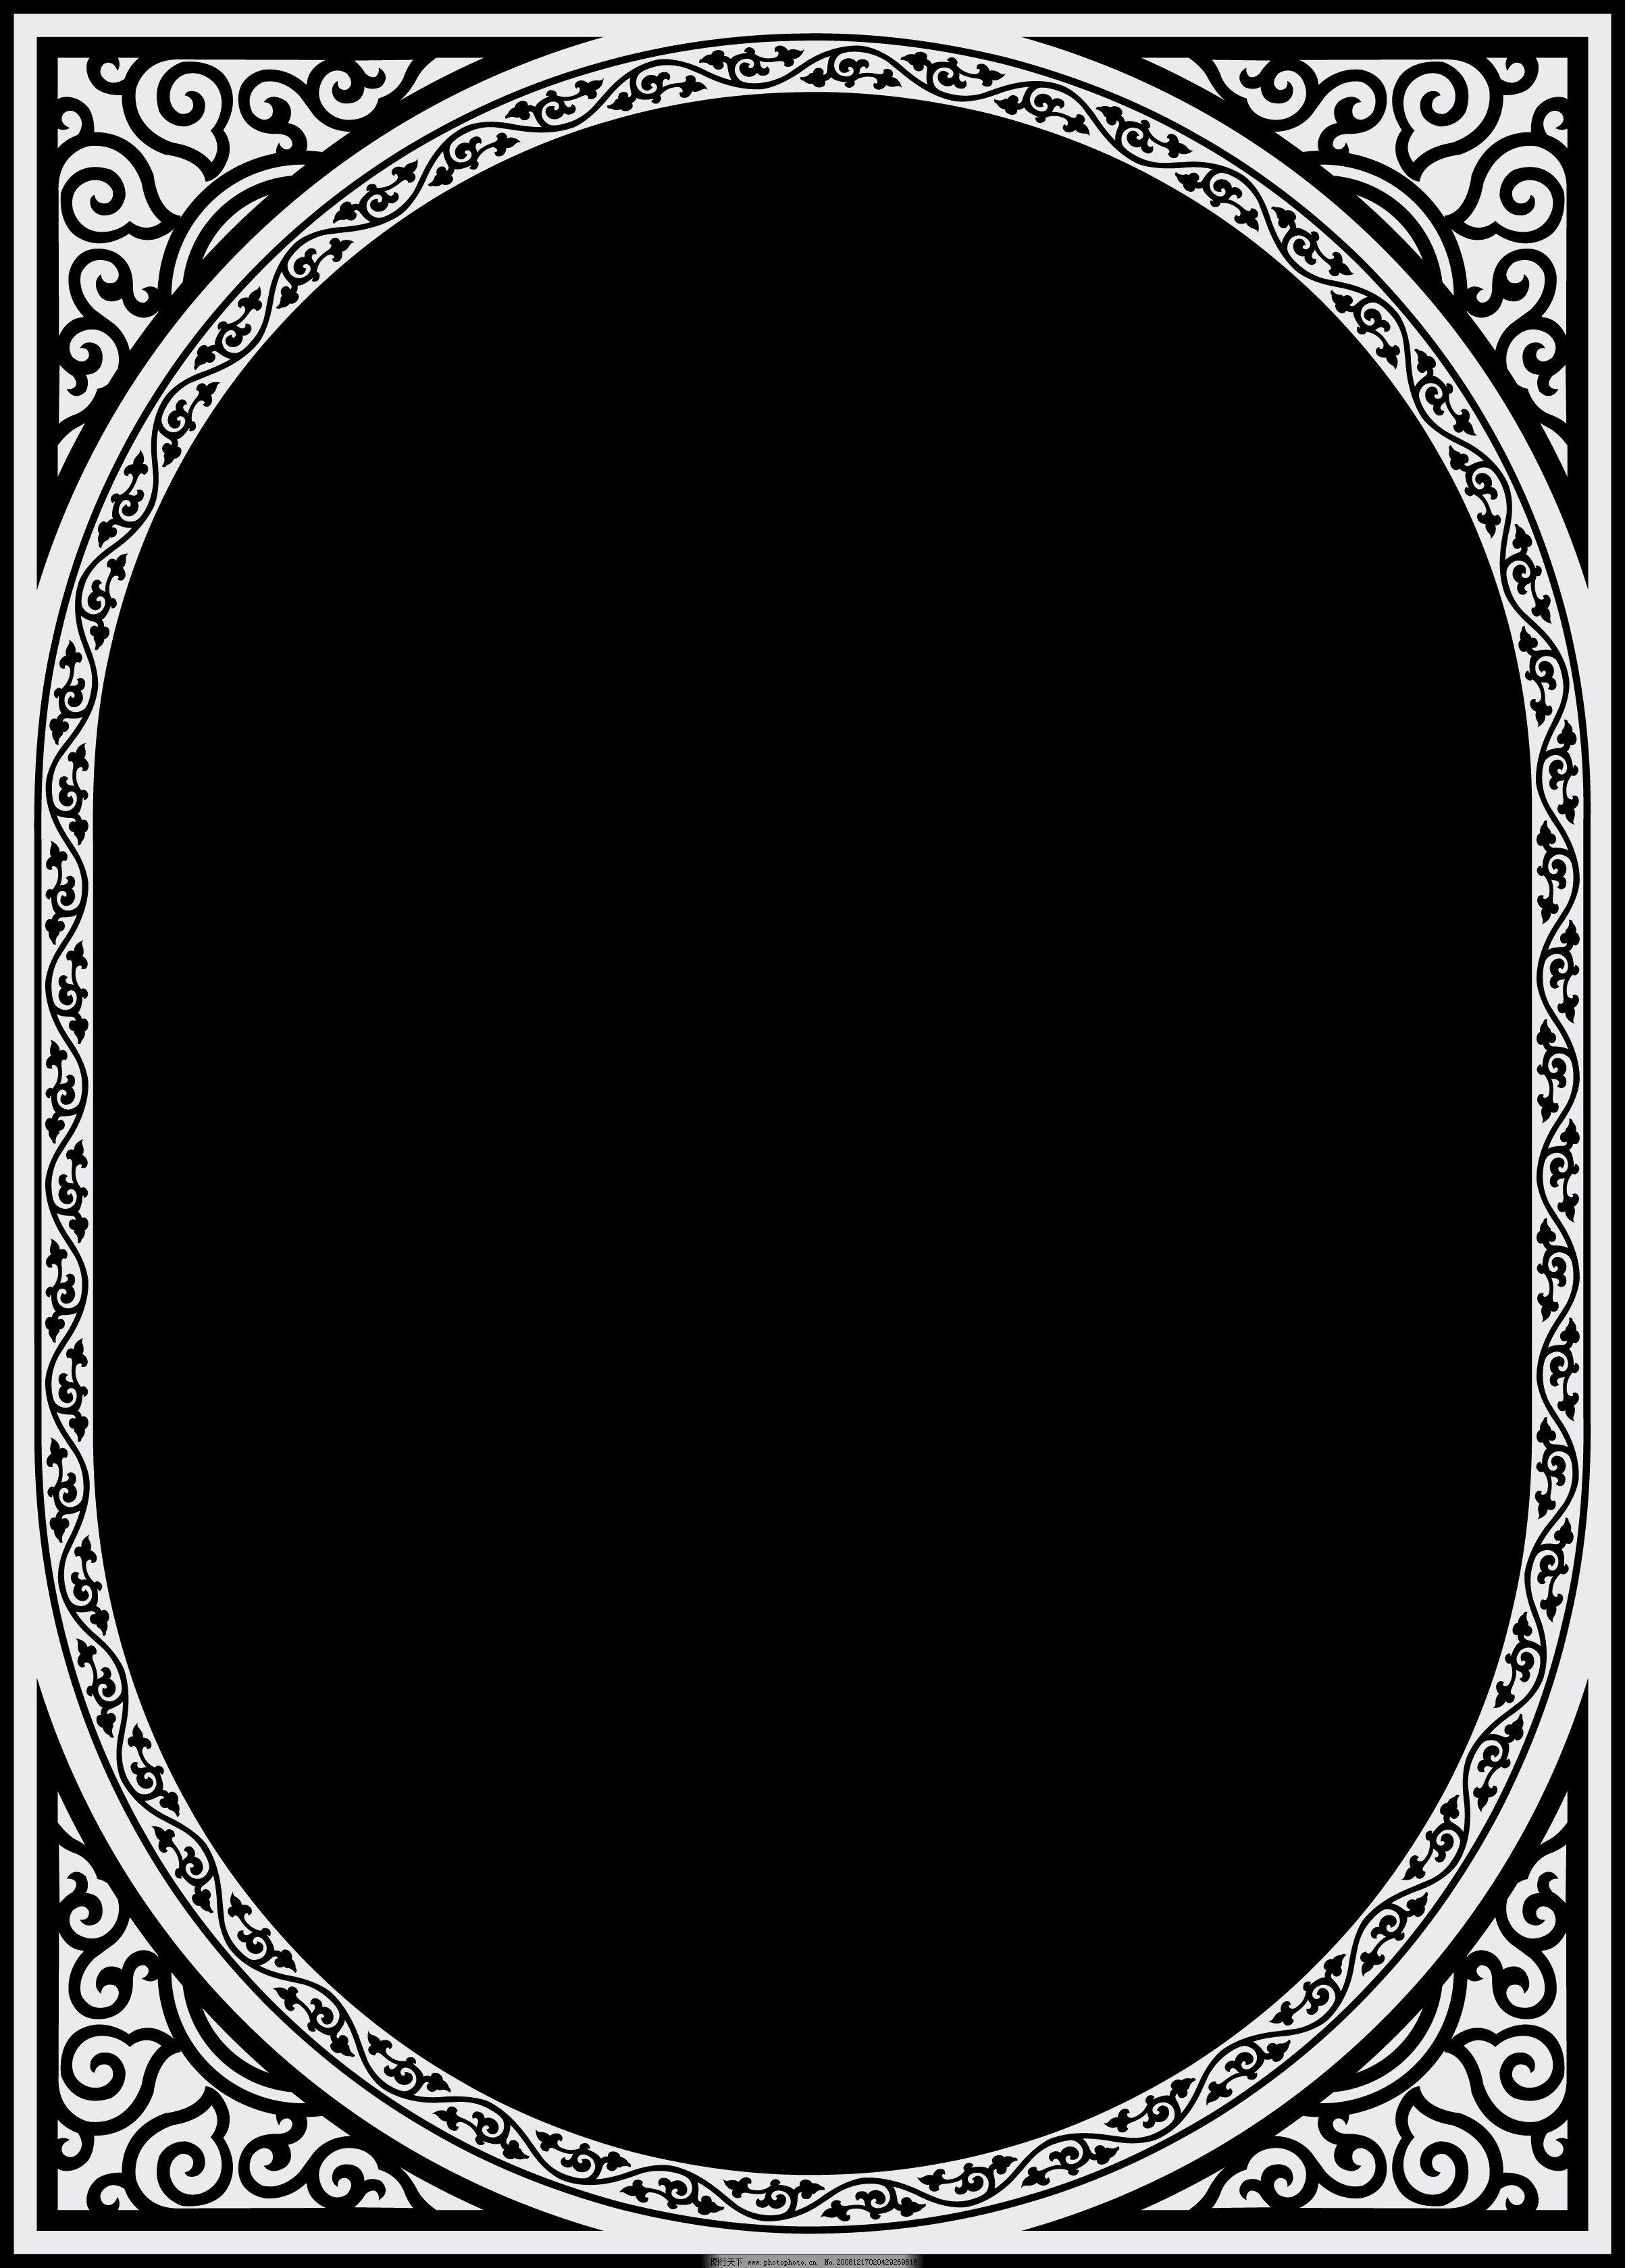 圆角 边框_圆角正方形边框